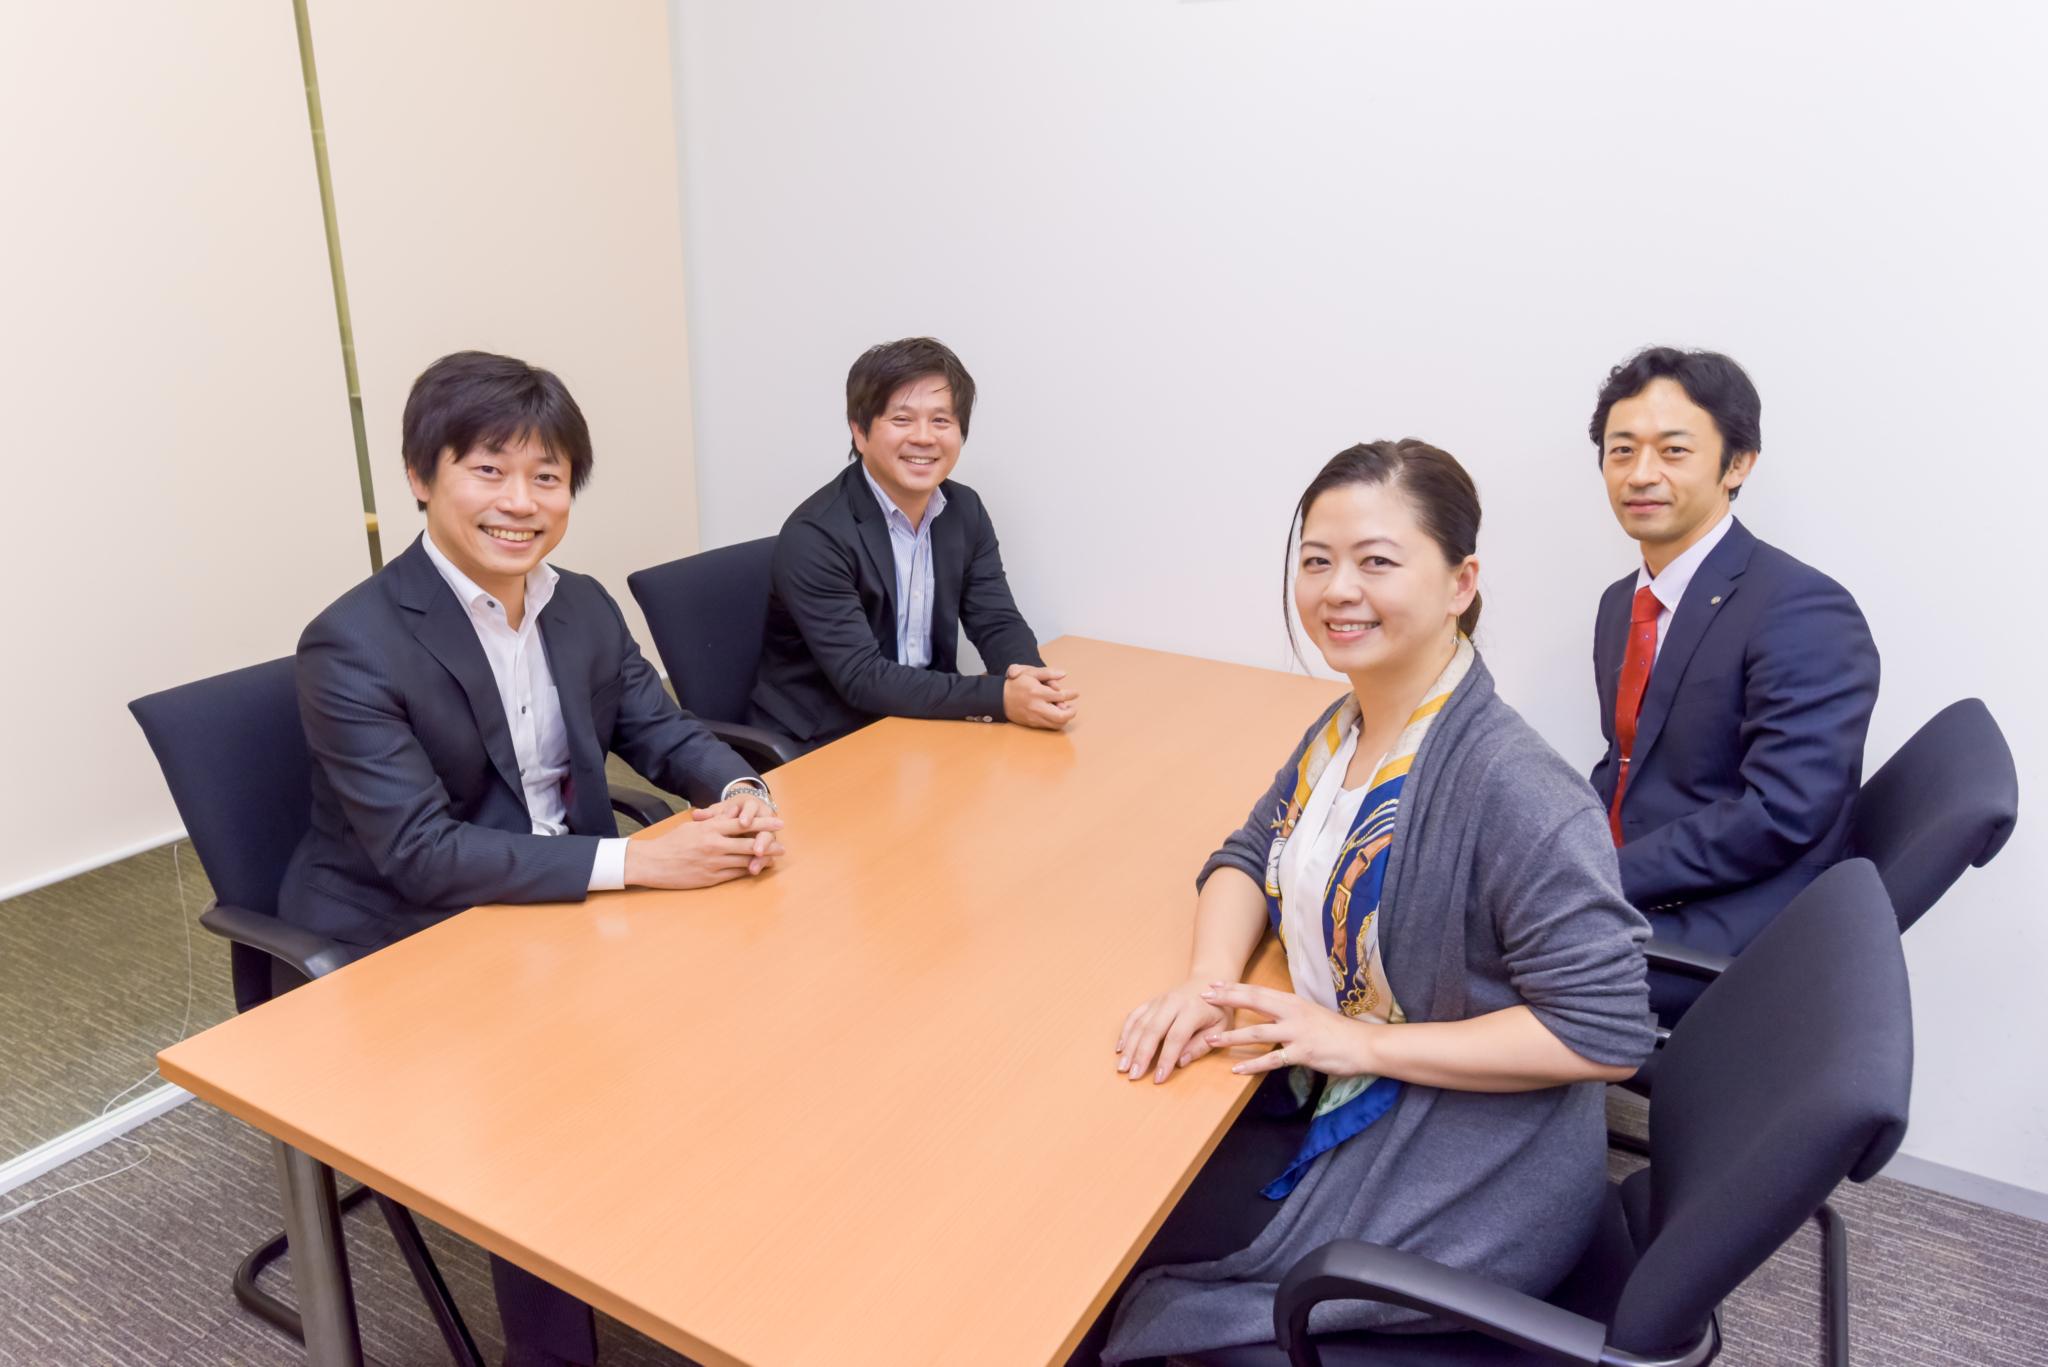 企業経営戦略コース修了生の皆さん 左から 渡辺さん、河邉さん、近藤さん、山崎さん